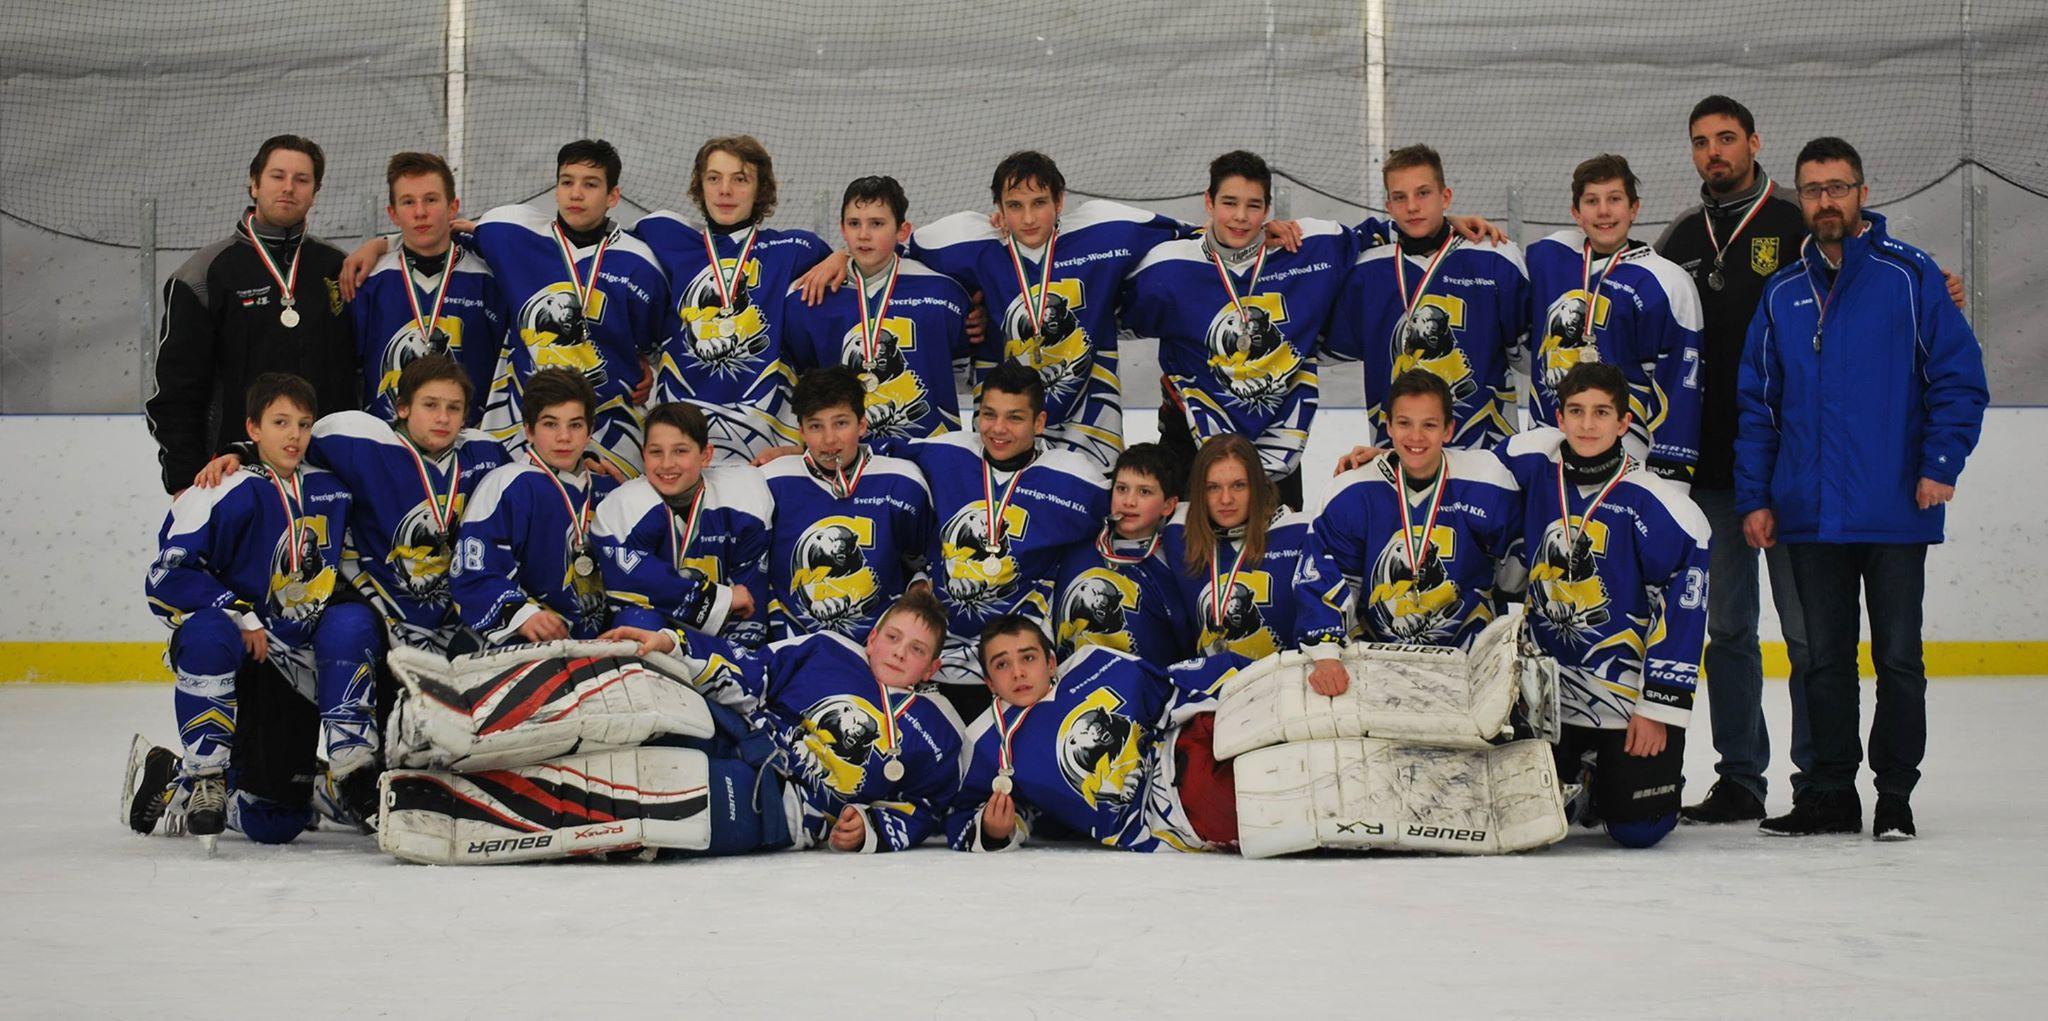 Fényesen csillogó ezüstöt nyert csapatunk az U14-es bajnokságba